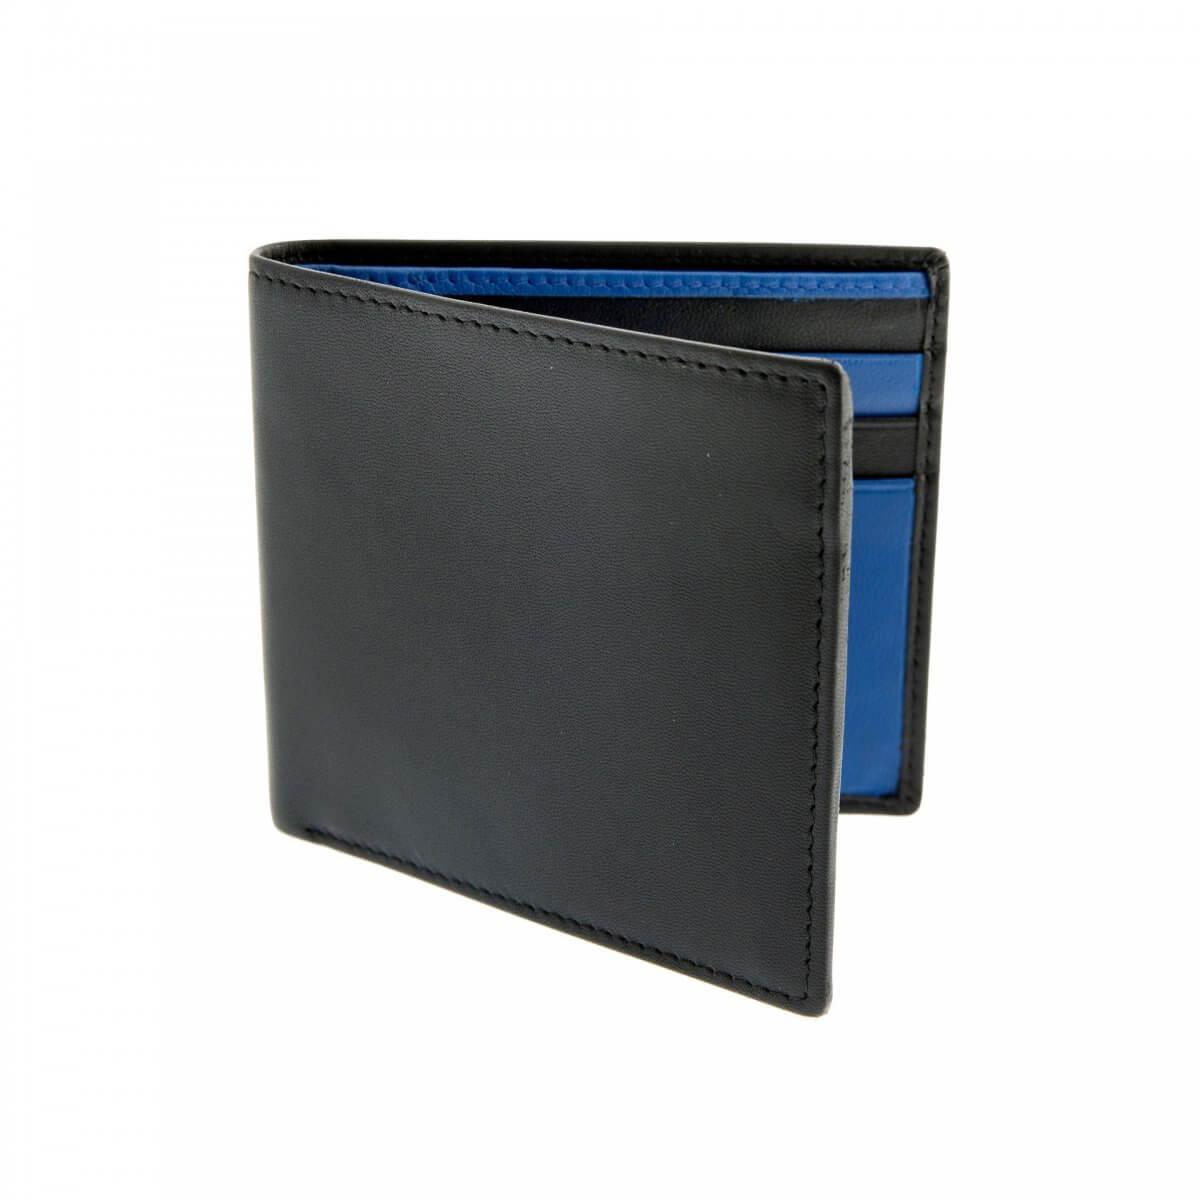 Dents Black Leather Wallet